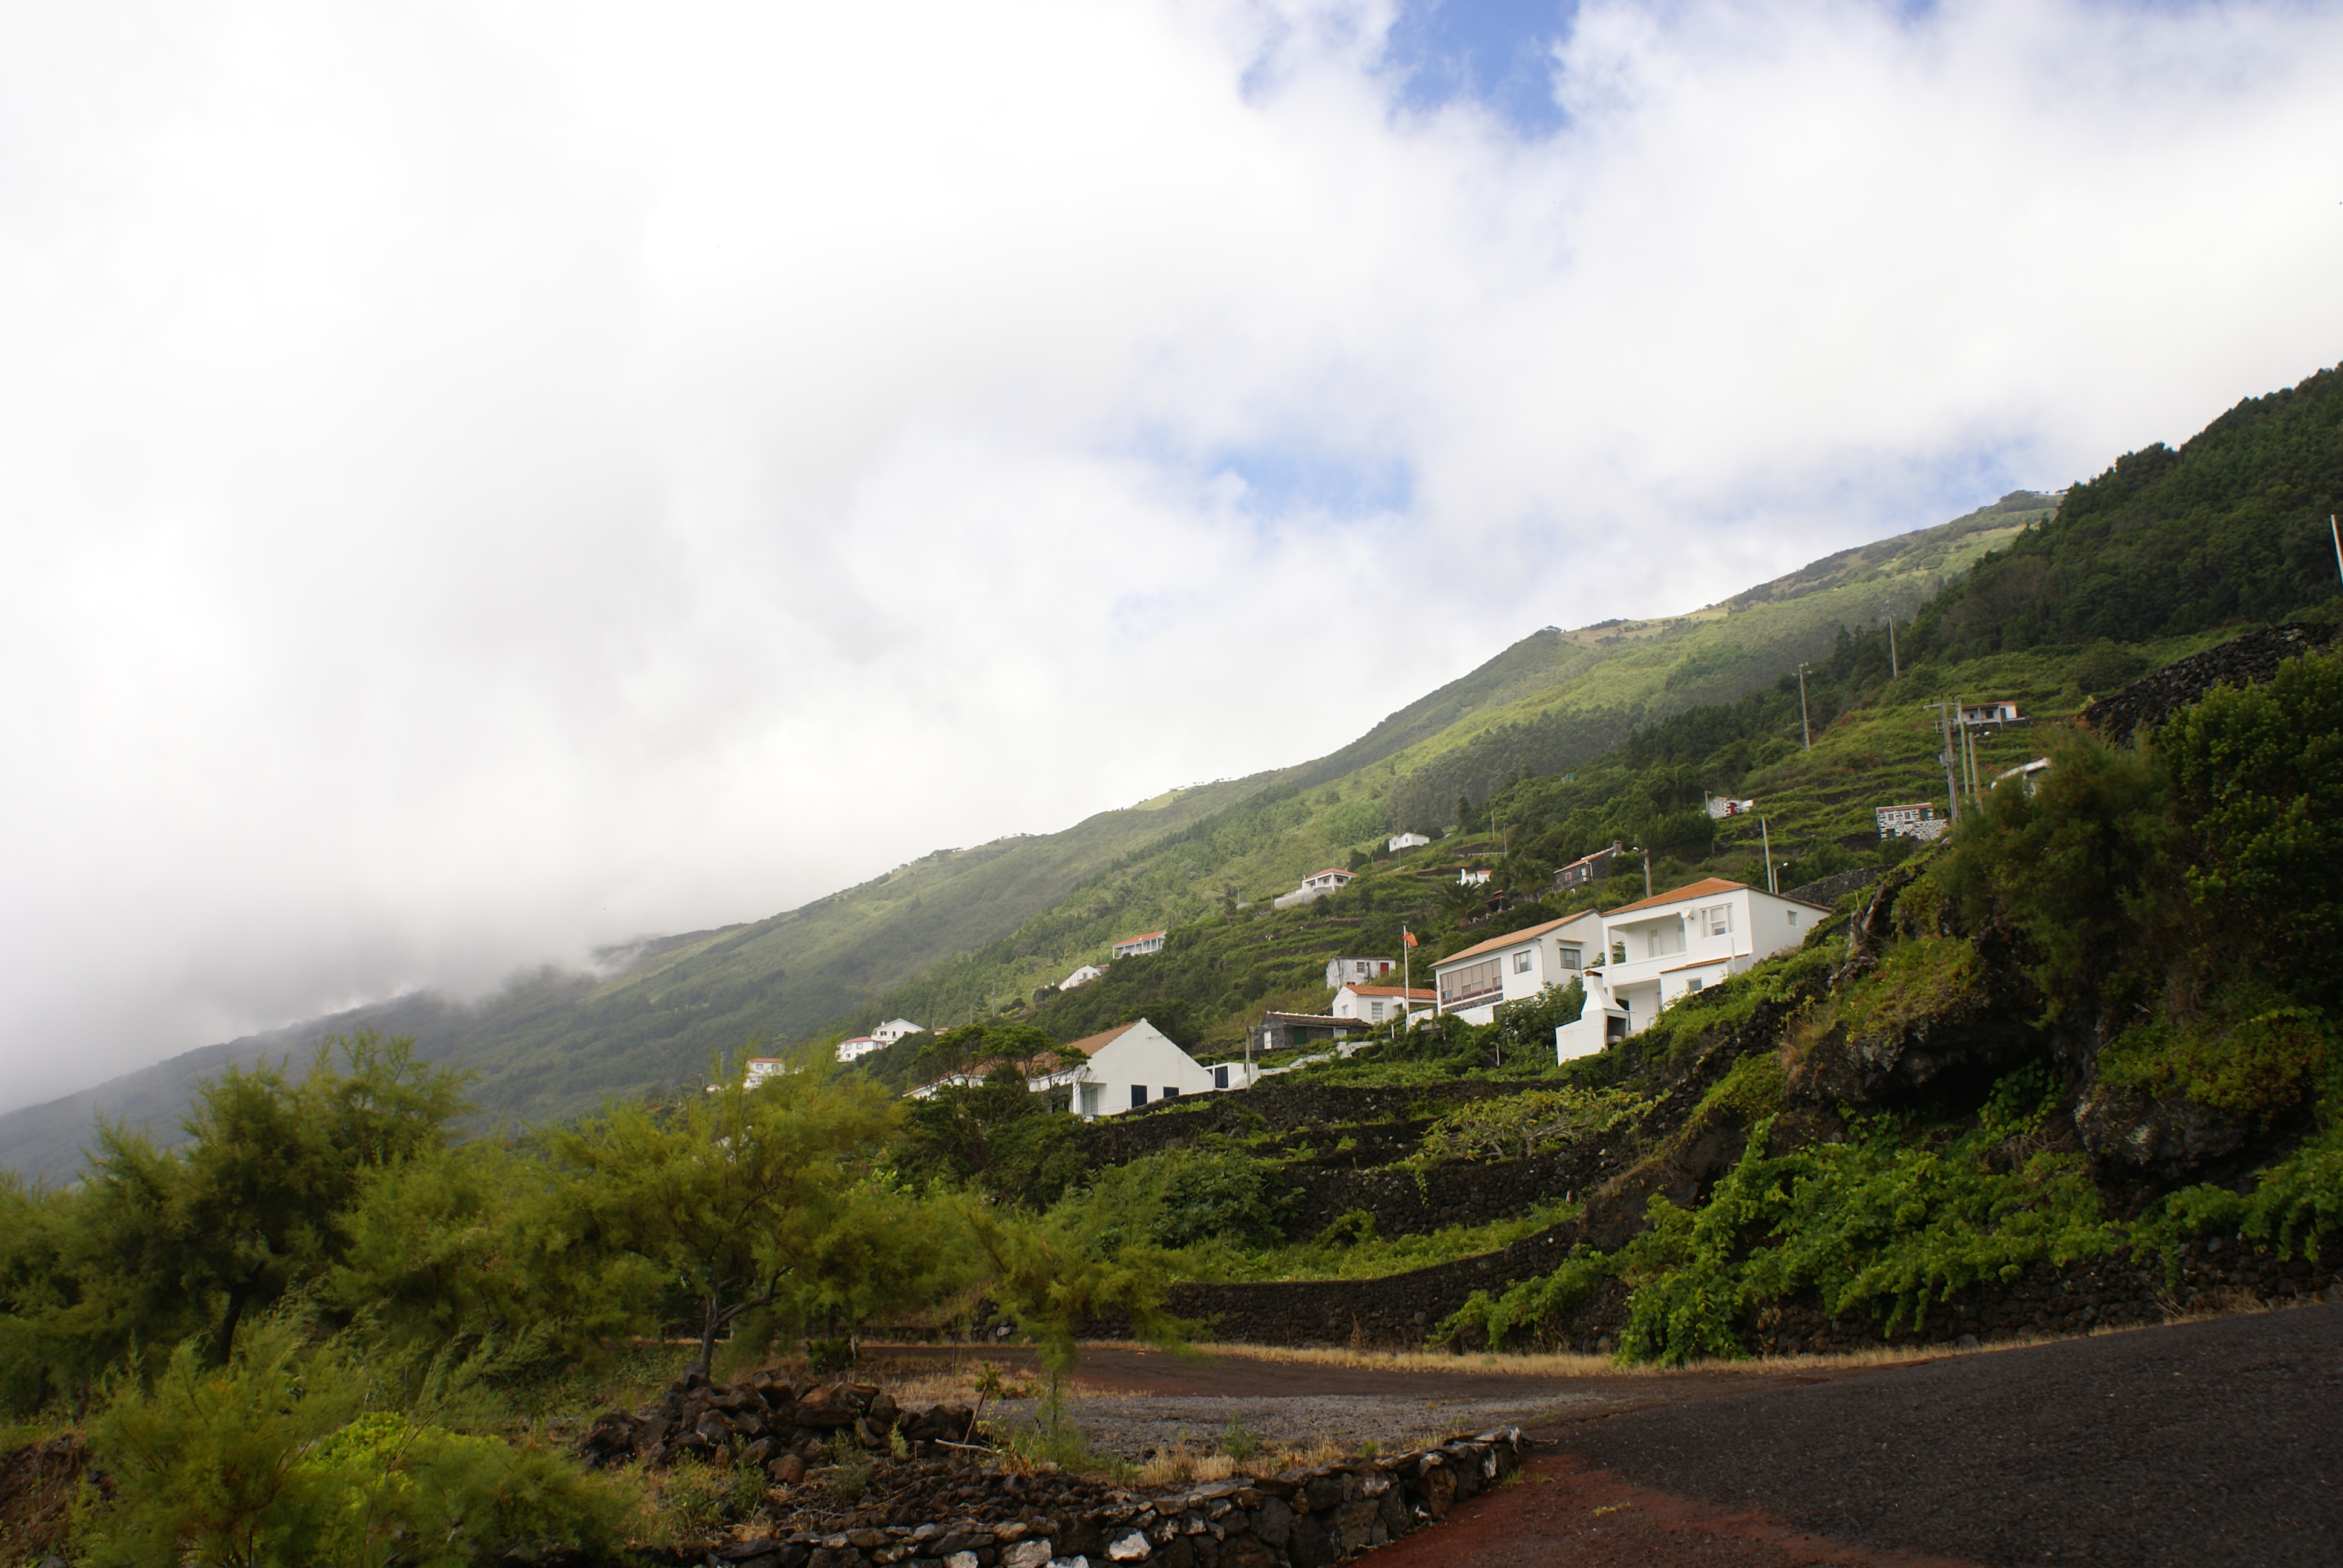 File:Ribeira Seca, Ribeiras, Lajes do Pico, ilha do Pico, Açores.JPG